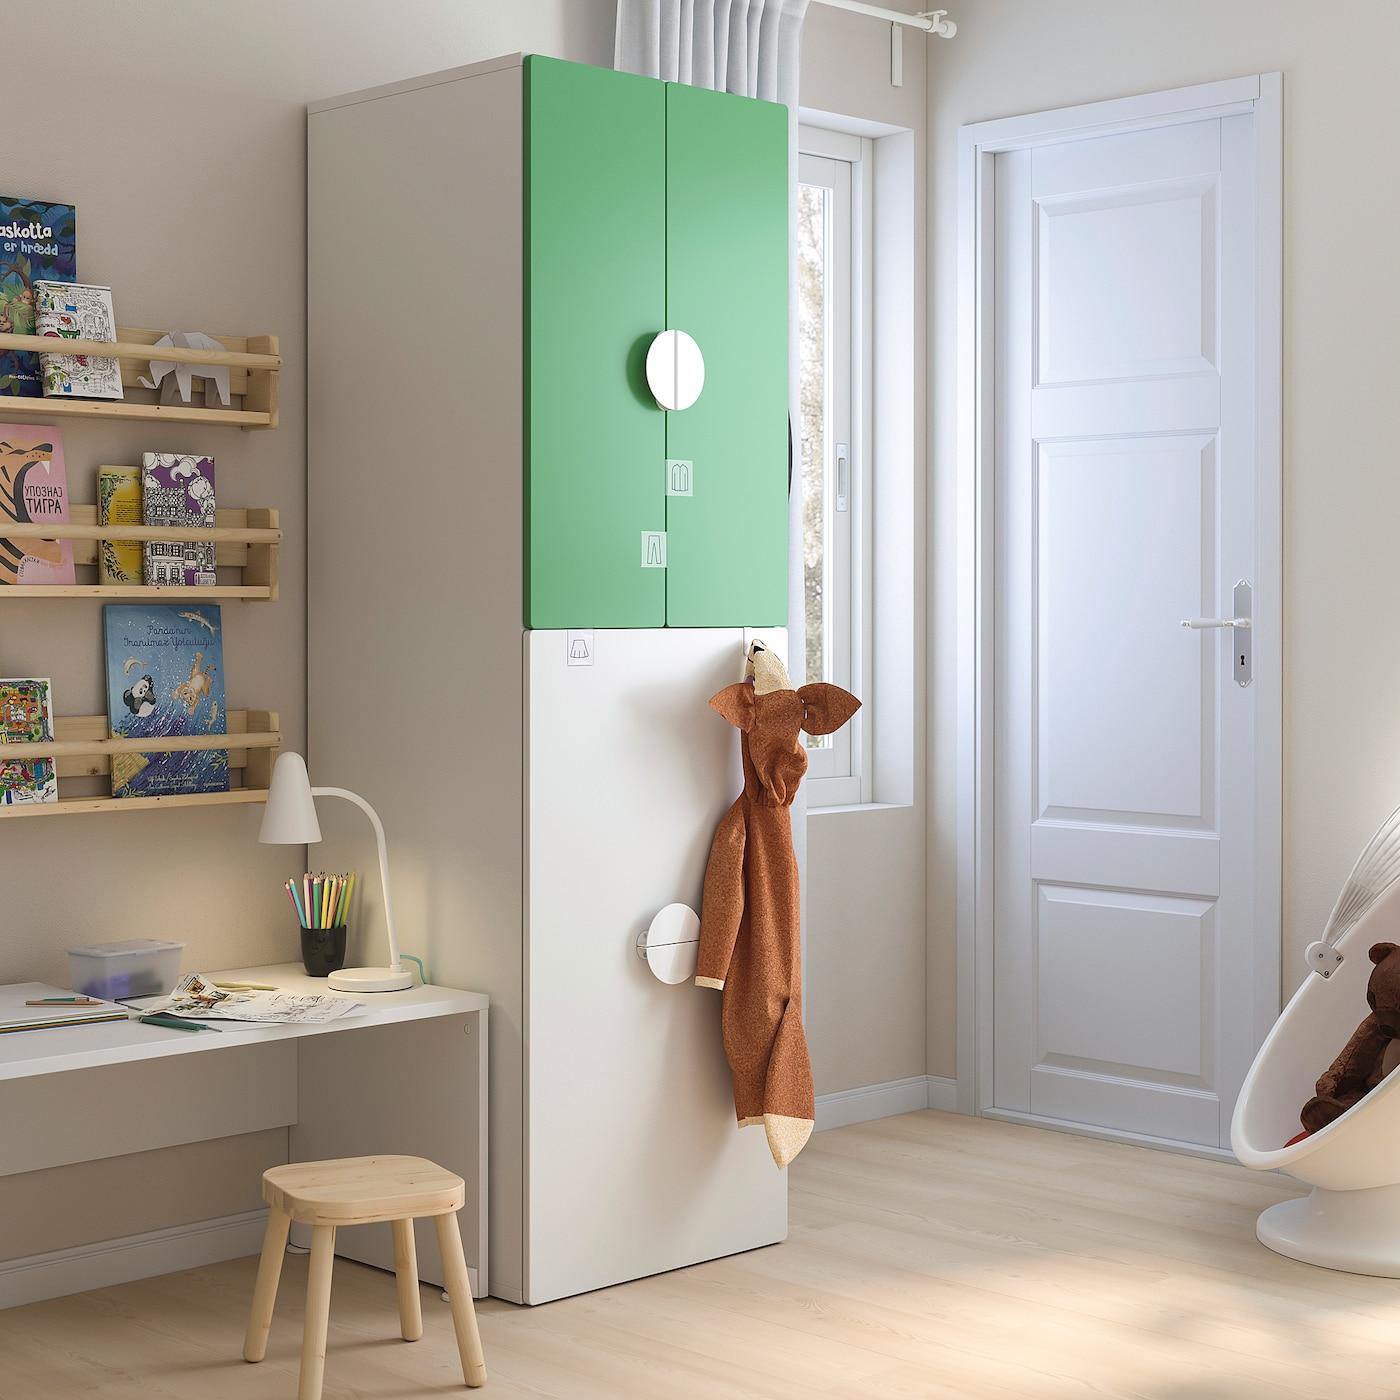 SMÅSTAD Kledingkast mt uittrekbaar gedeelte, wit groen/met kledingroede, 60x57x196 cm